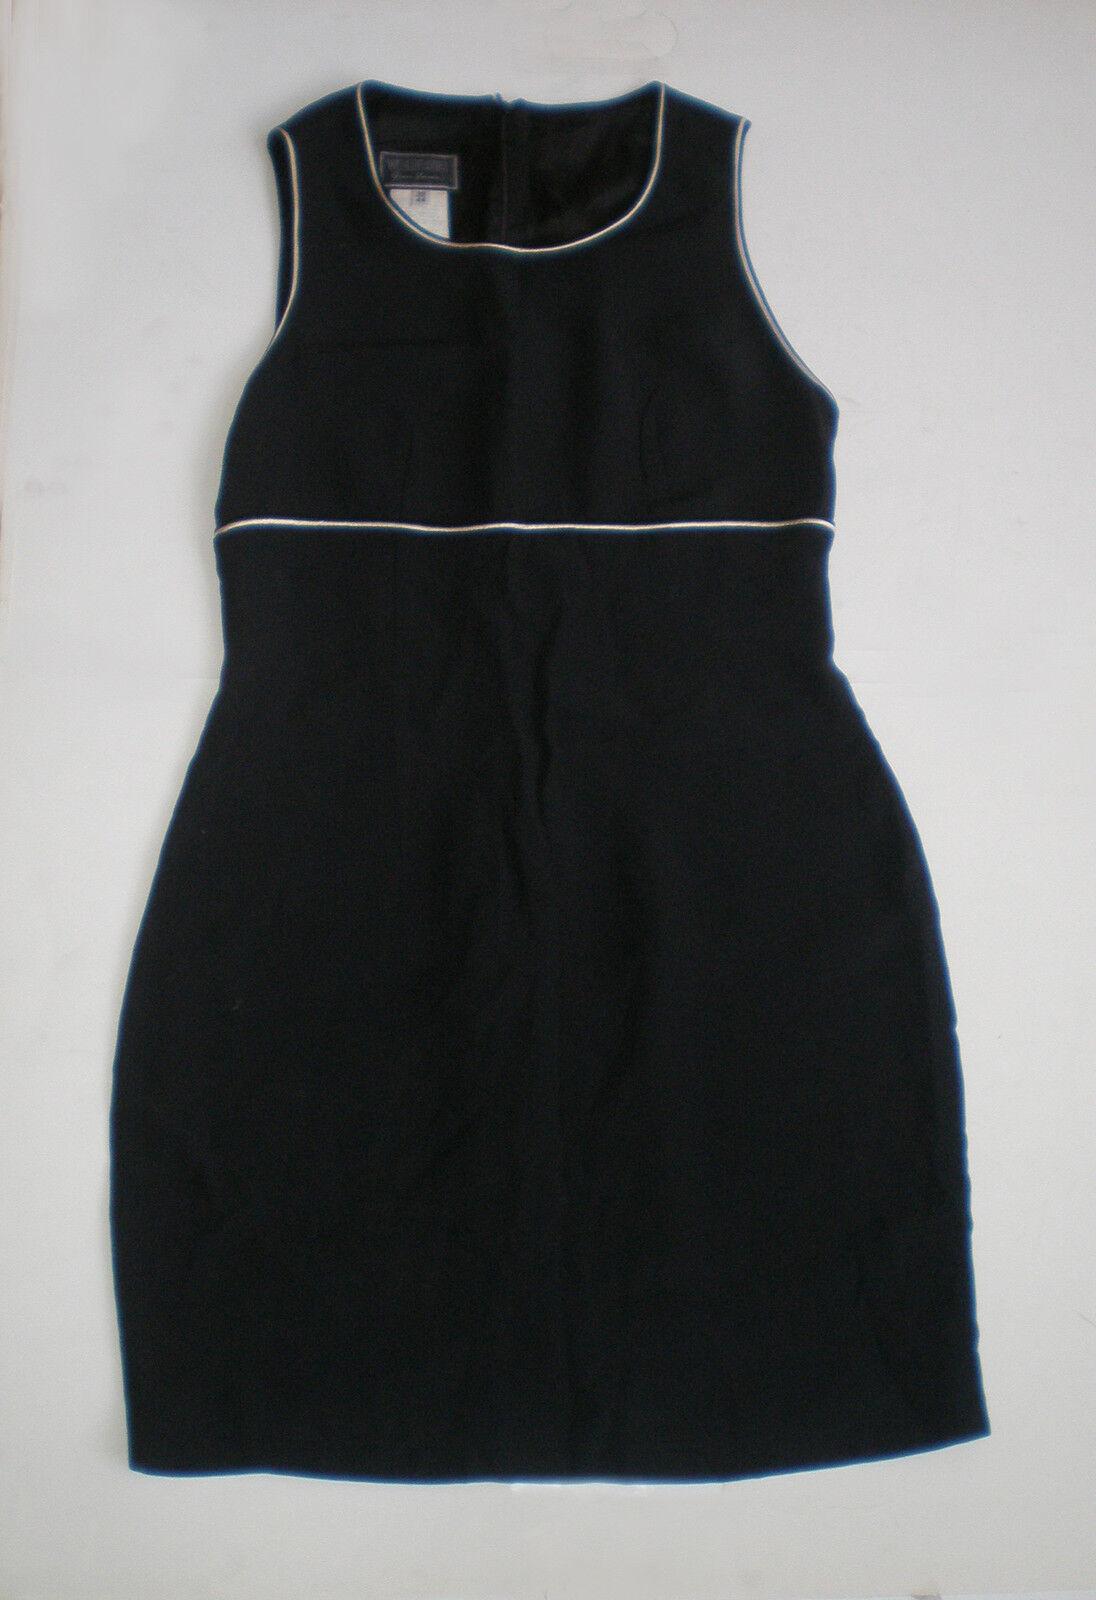 Gianni Versace Versus Kleid, Größe 30 44 (IT). Es fällt wie Größe 36 (DE) aus